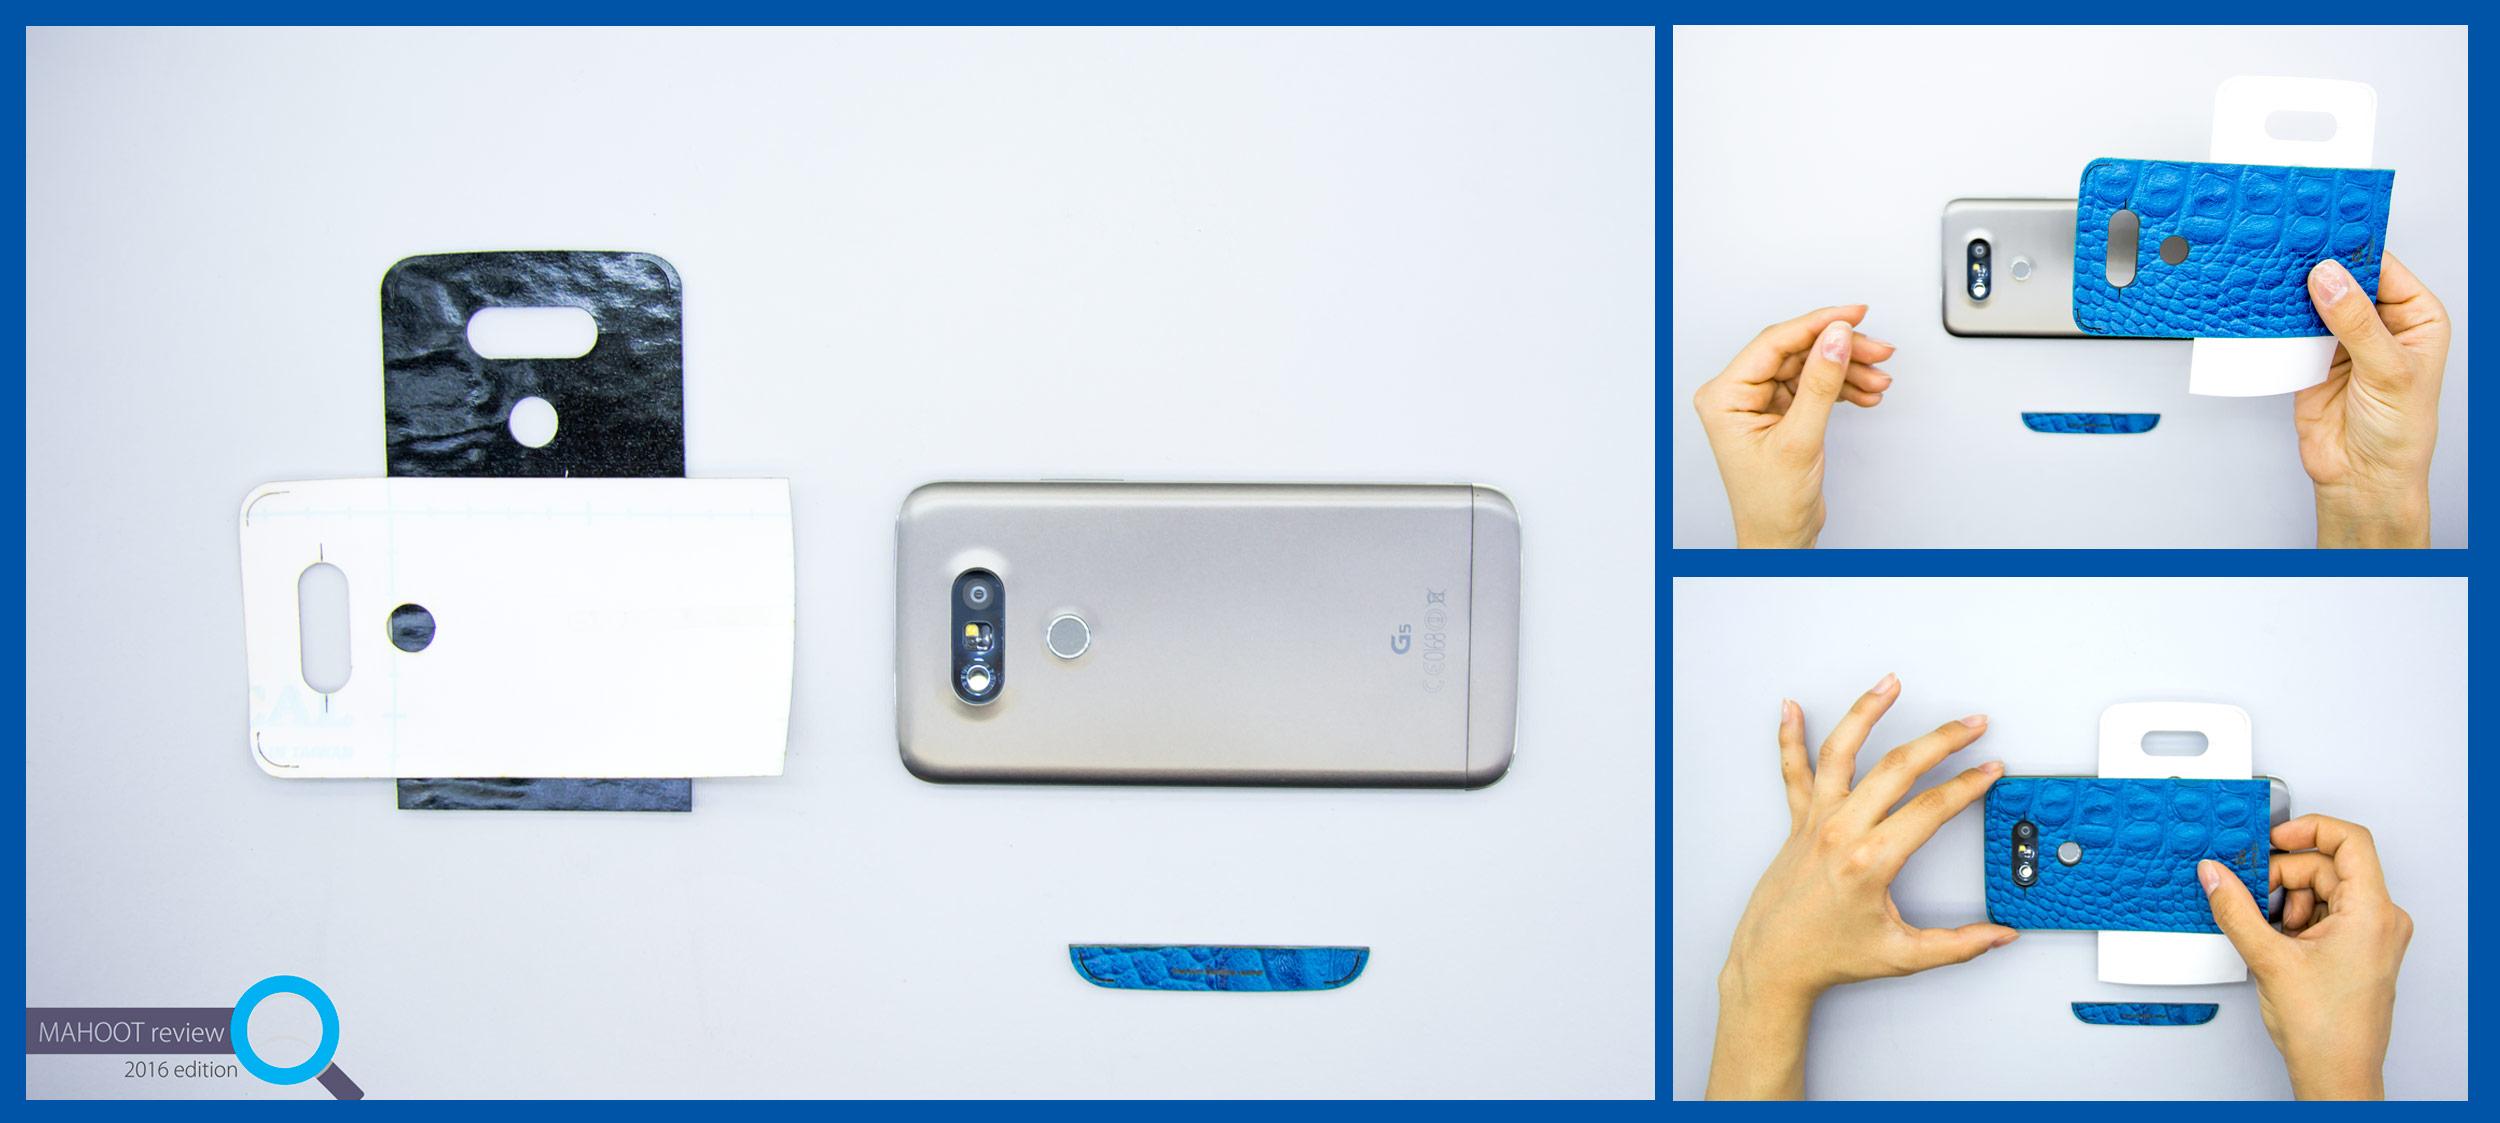 LG G5 mahoot Sticker Skin